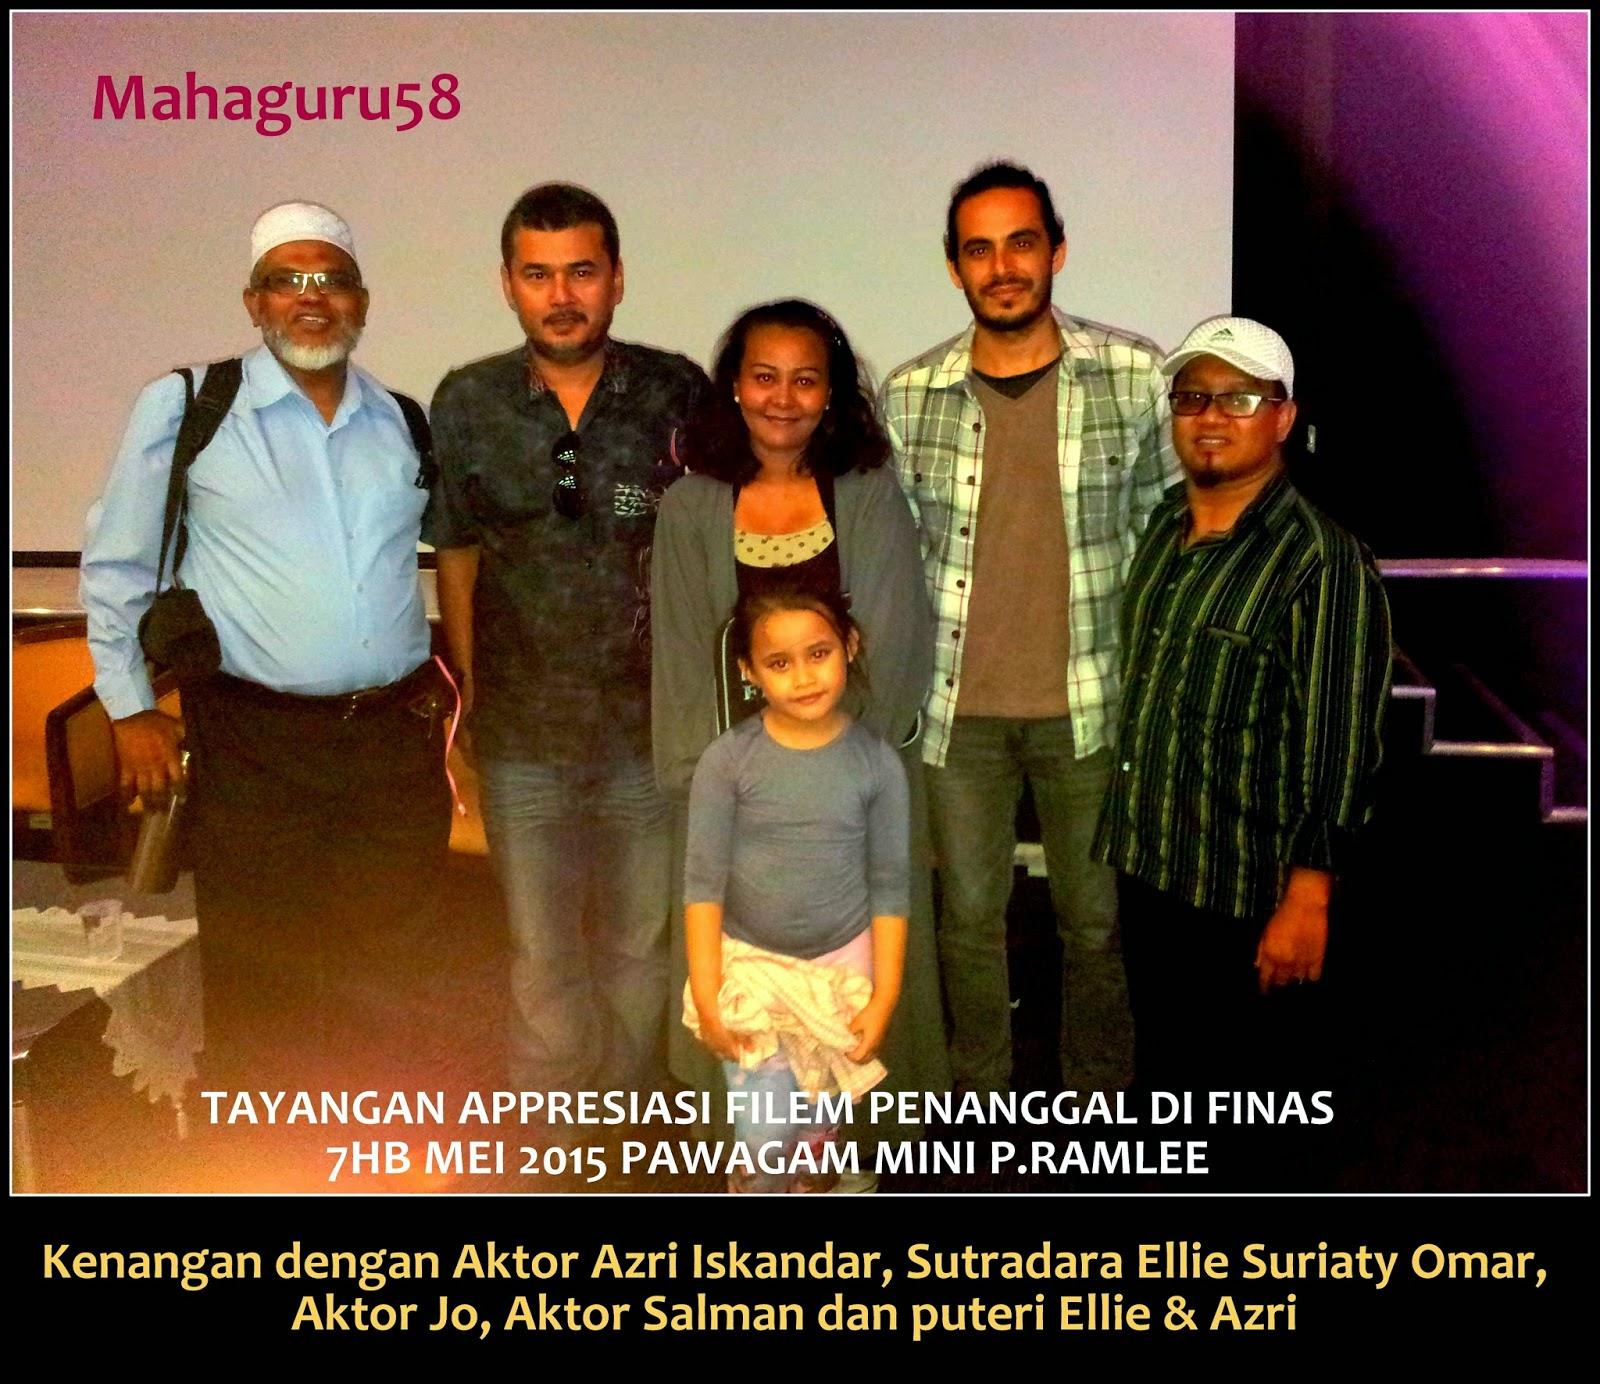 Penanggalan Malaysia: FILM PENANGGAL ELLIE SURIATY